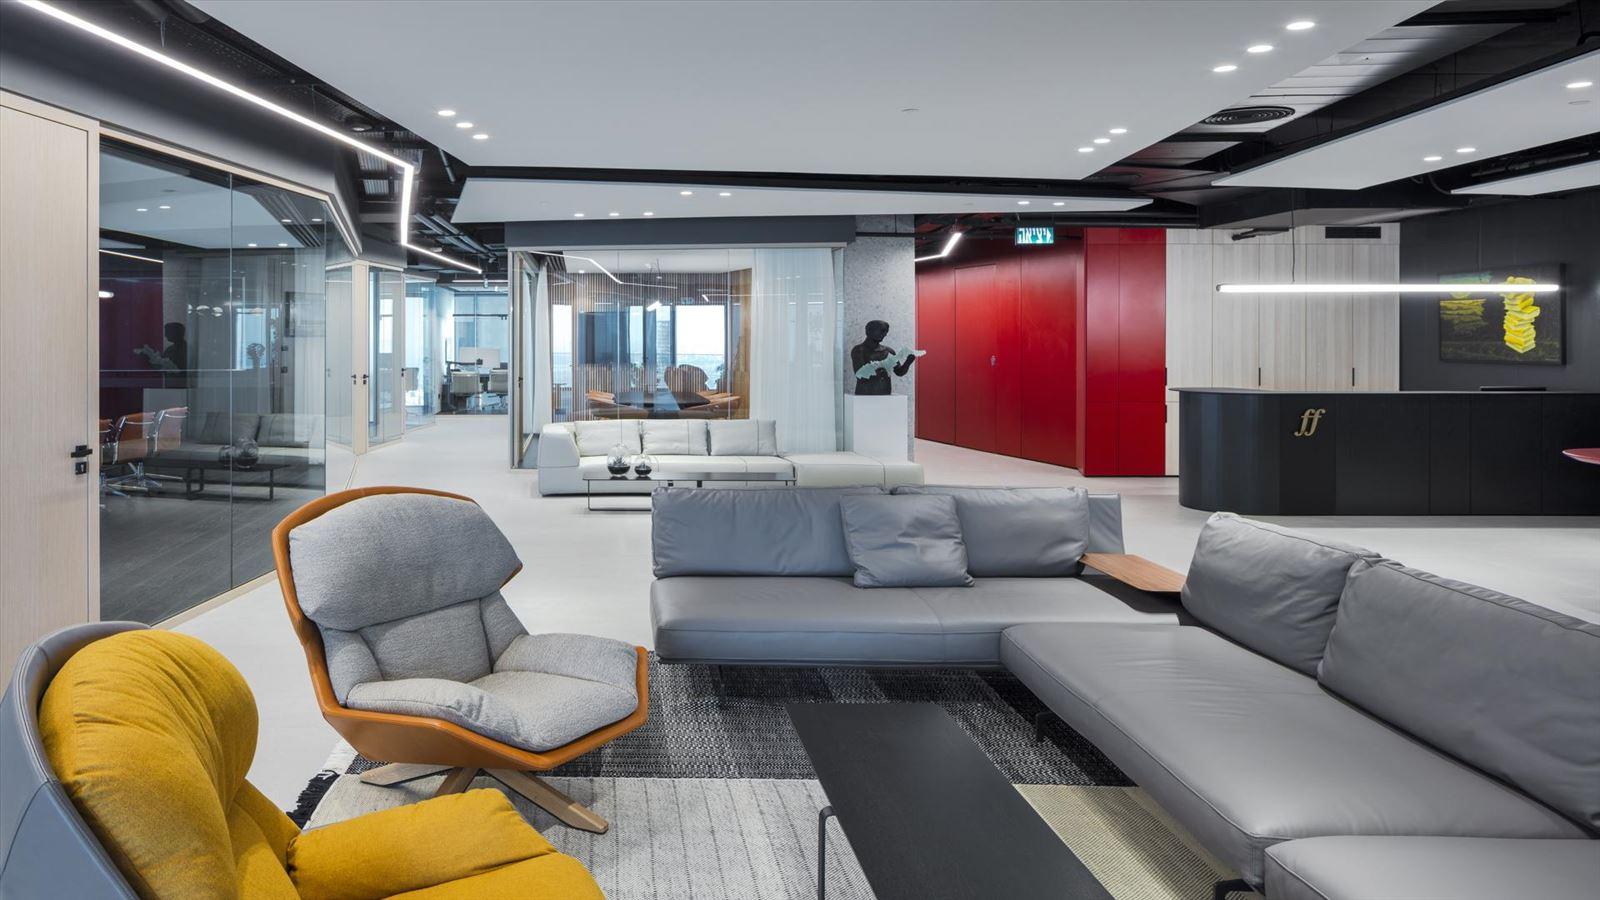 Fortissimo Offices – Tel Aviv פינת הישיבה במשרד מואר בגופי תאורה של דורי קמחי